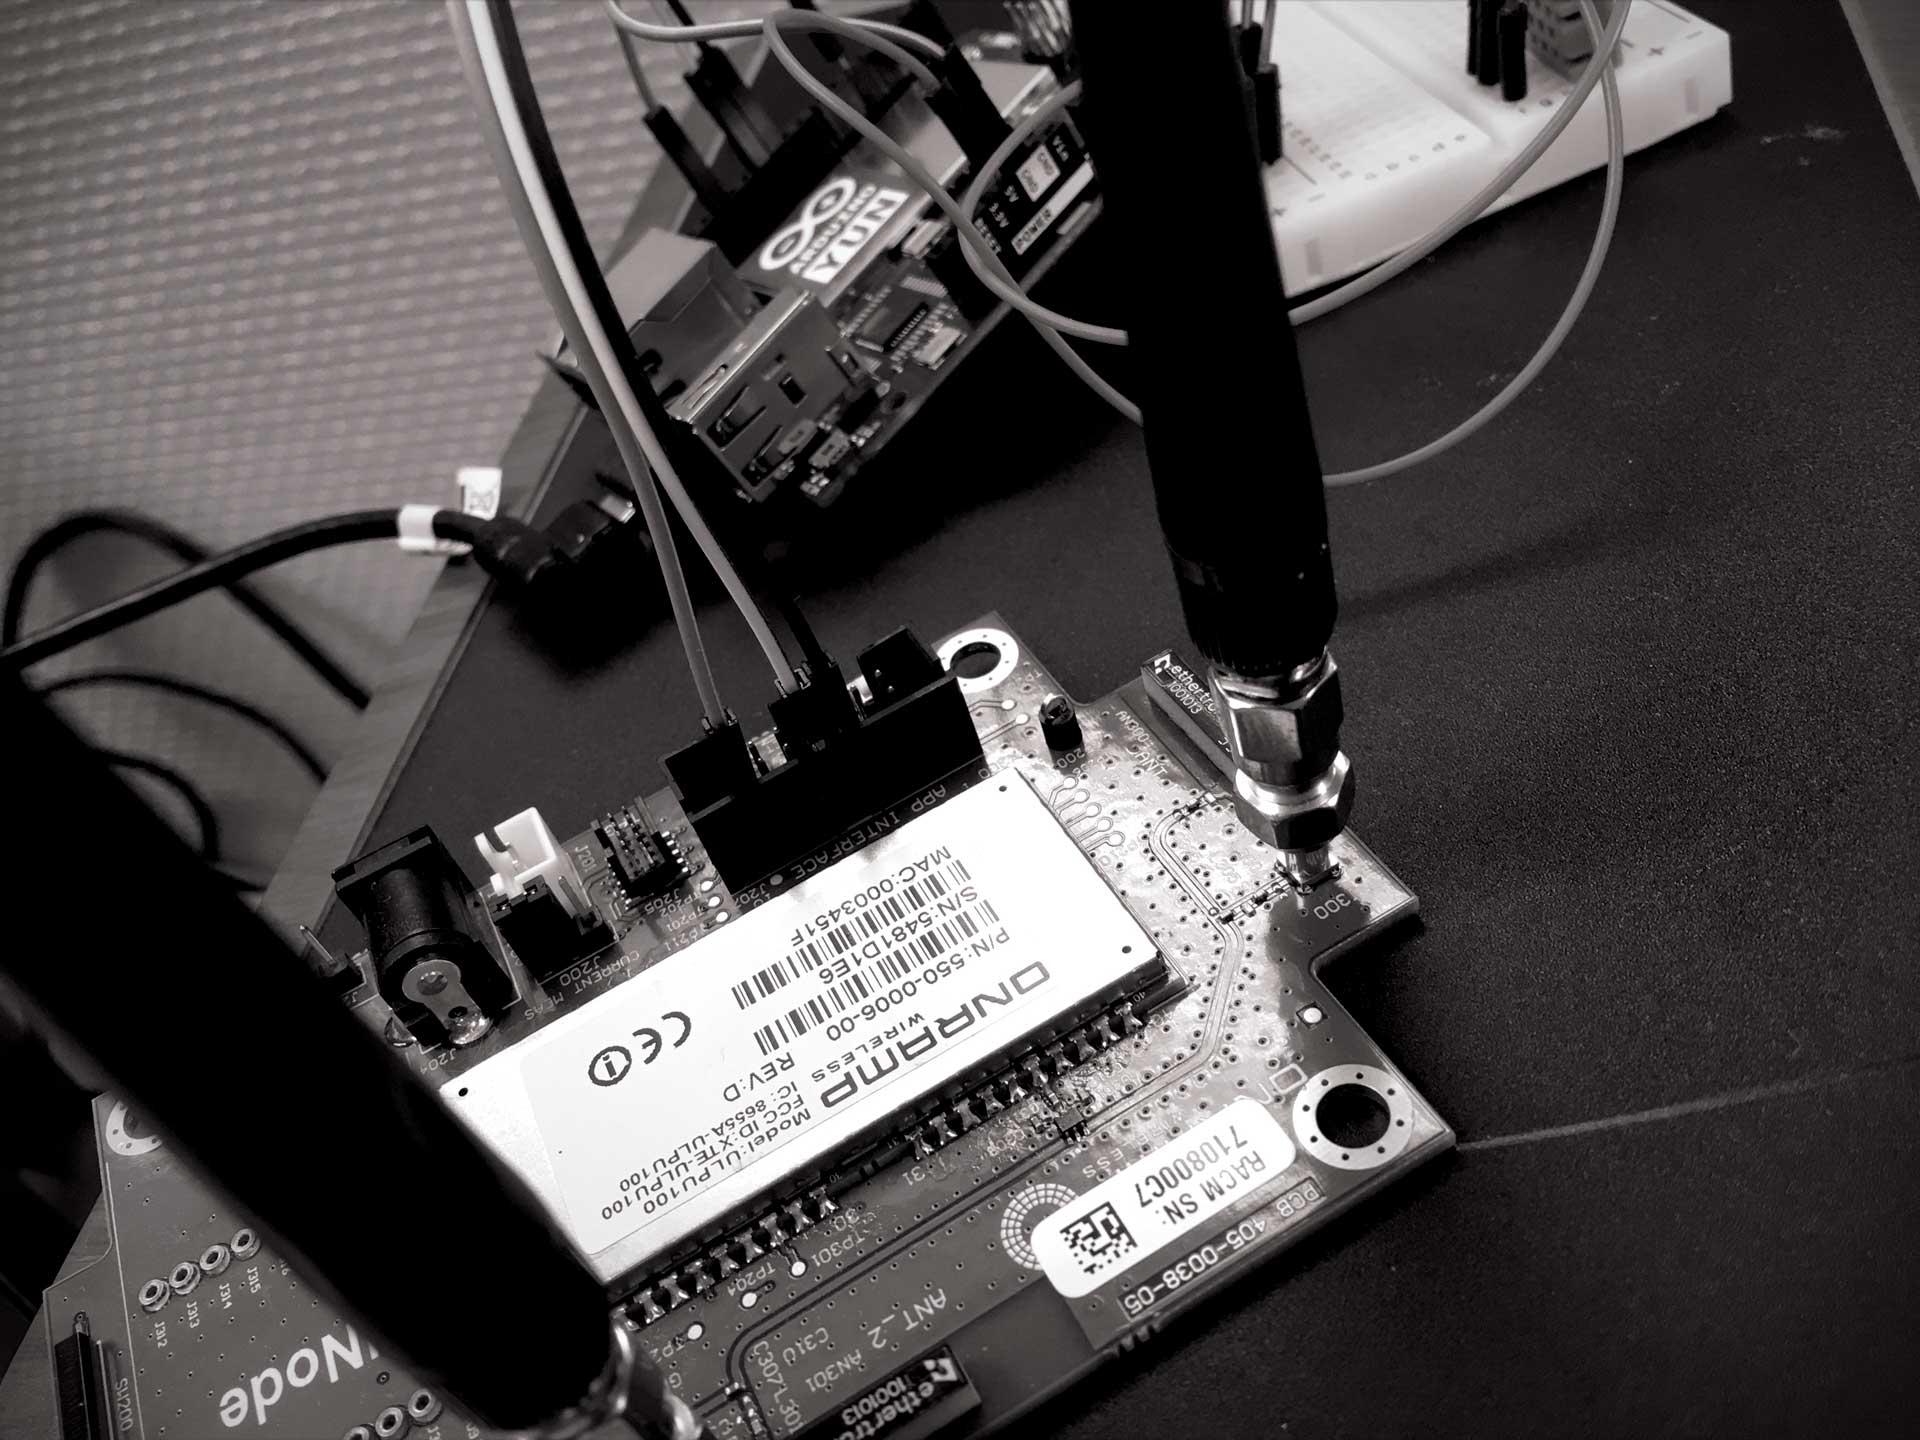 Arduino Yun rACM Board